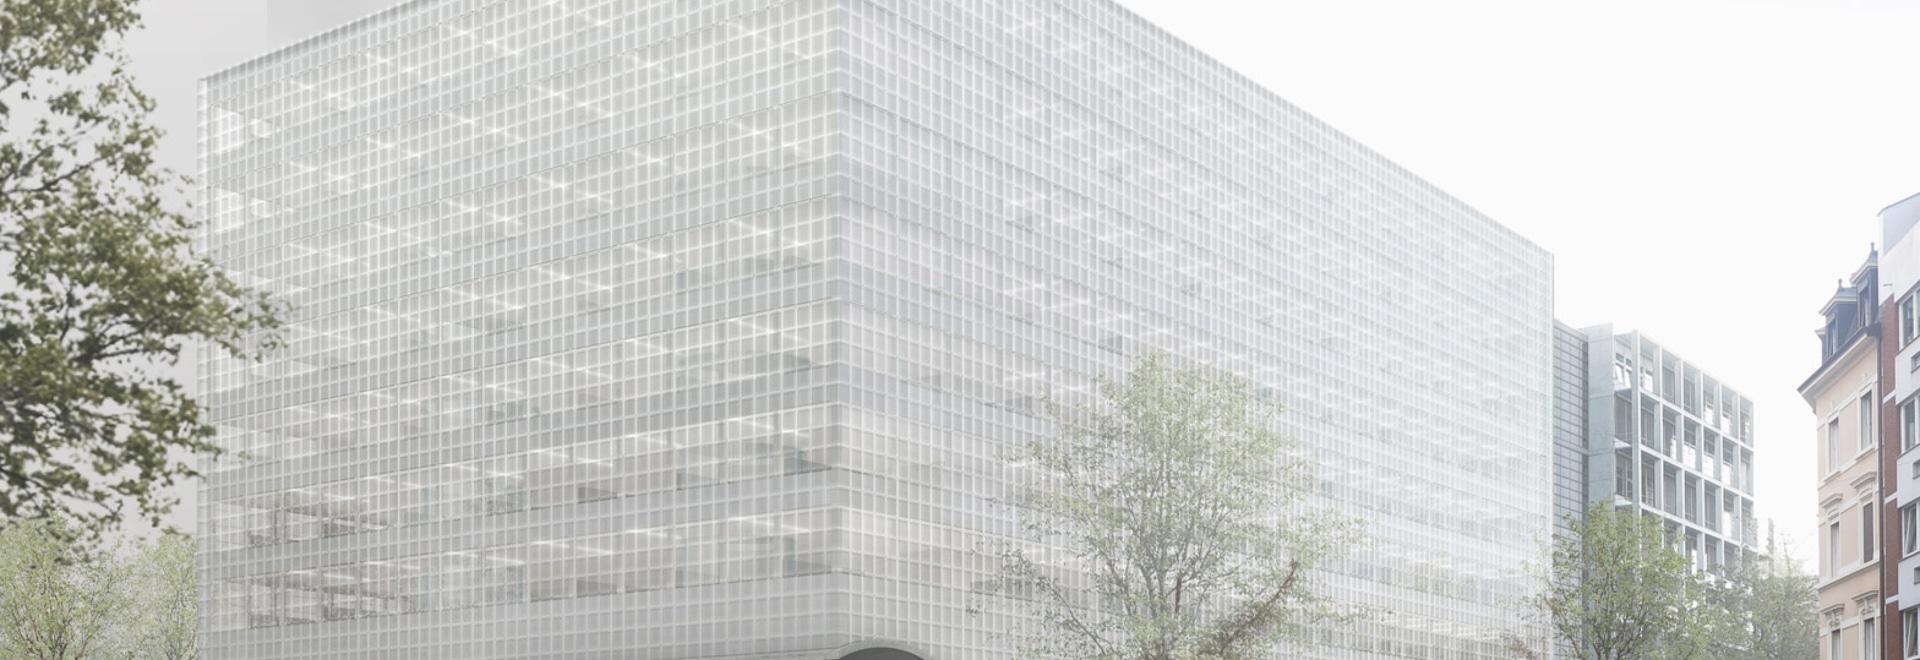 Caruso San Juan revela los diseños para el laboratorio de la universidad en Basilea